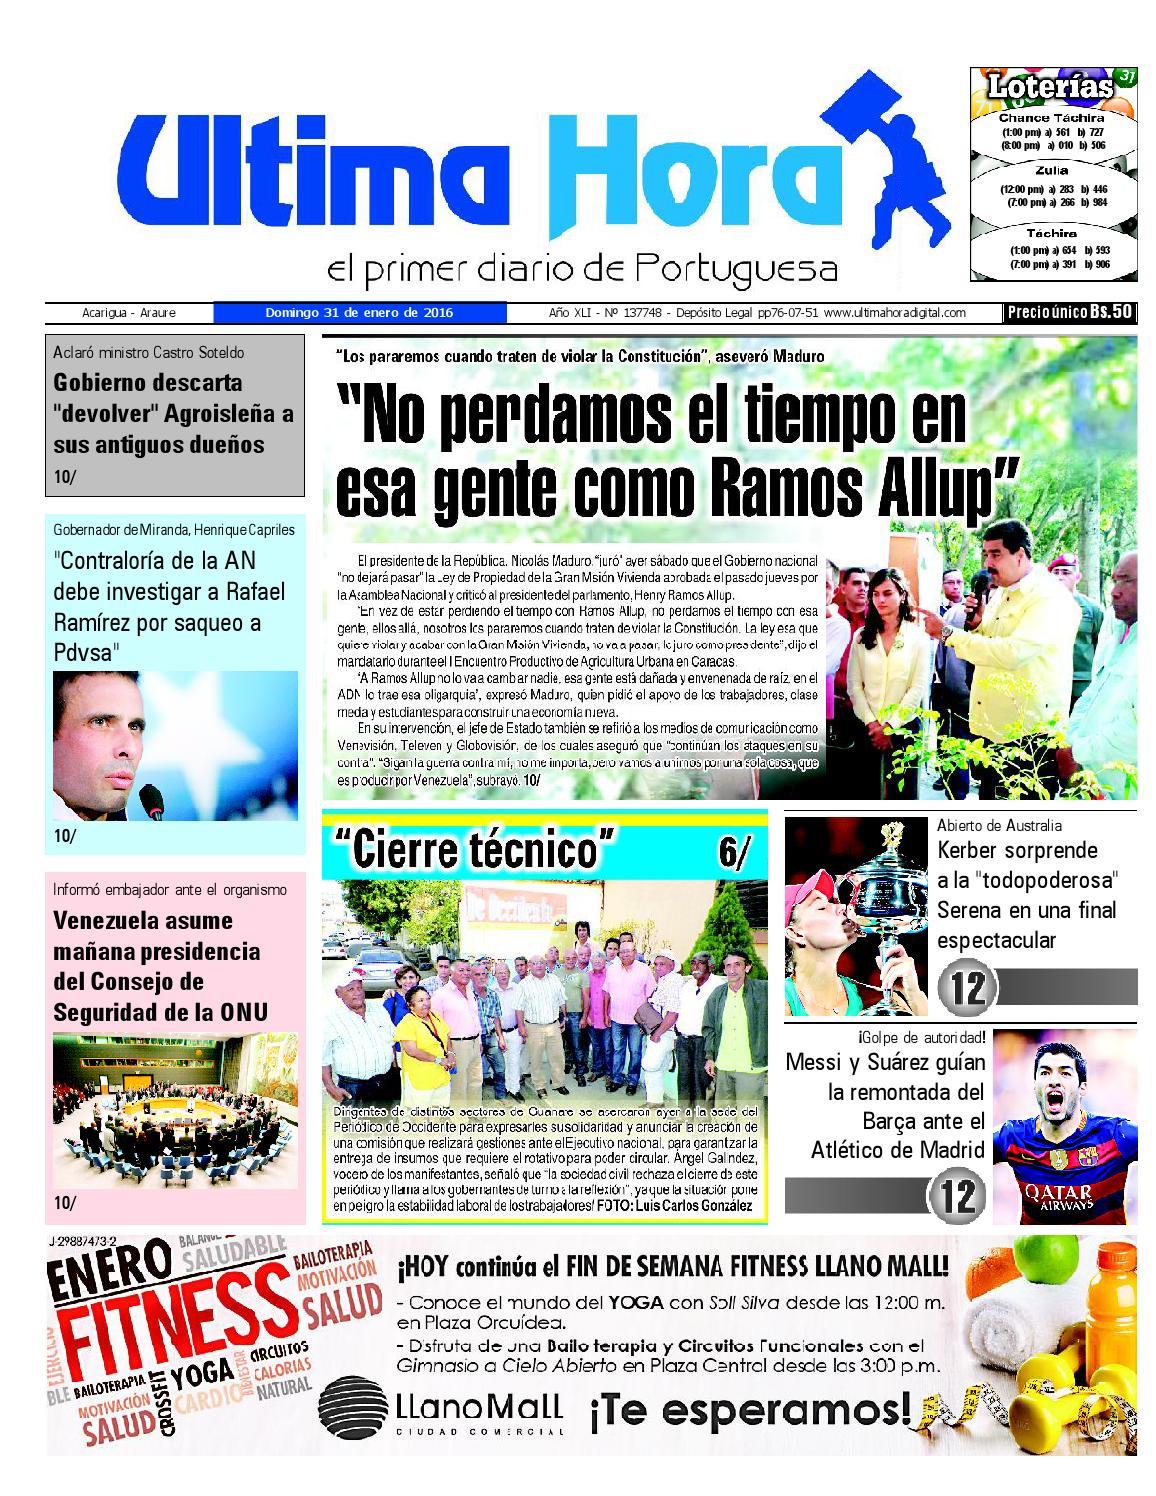 Edicion31 01 2016 by Ultima Hora - El primer diario de Portuguesa ...